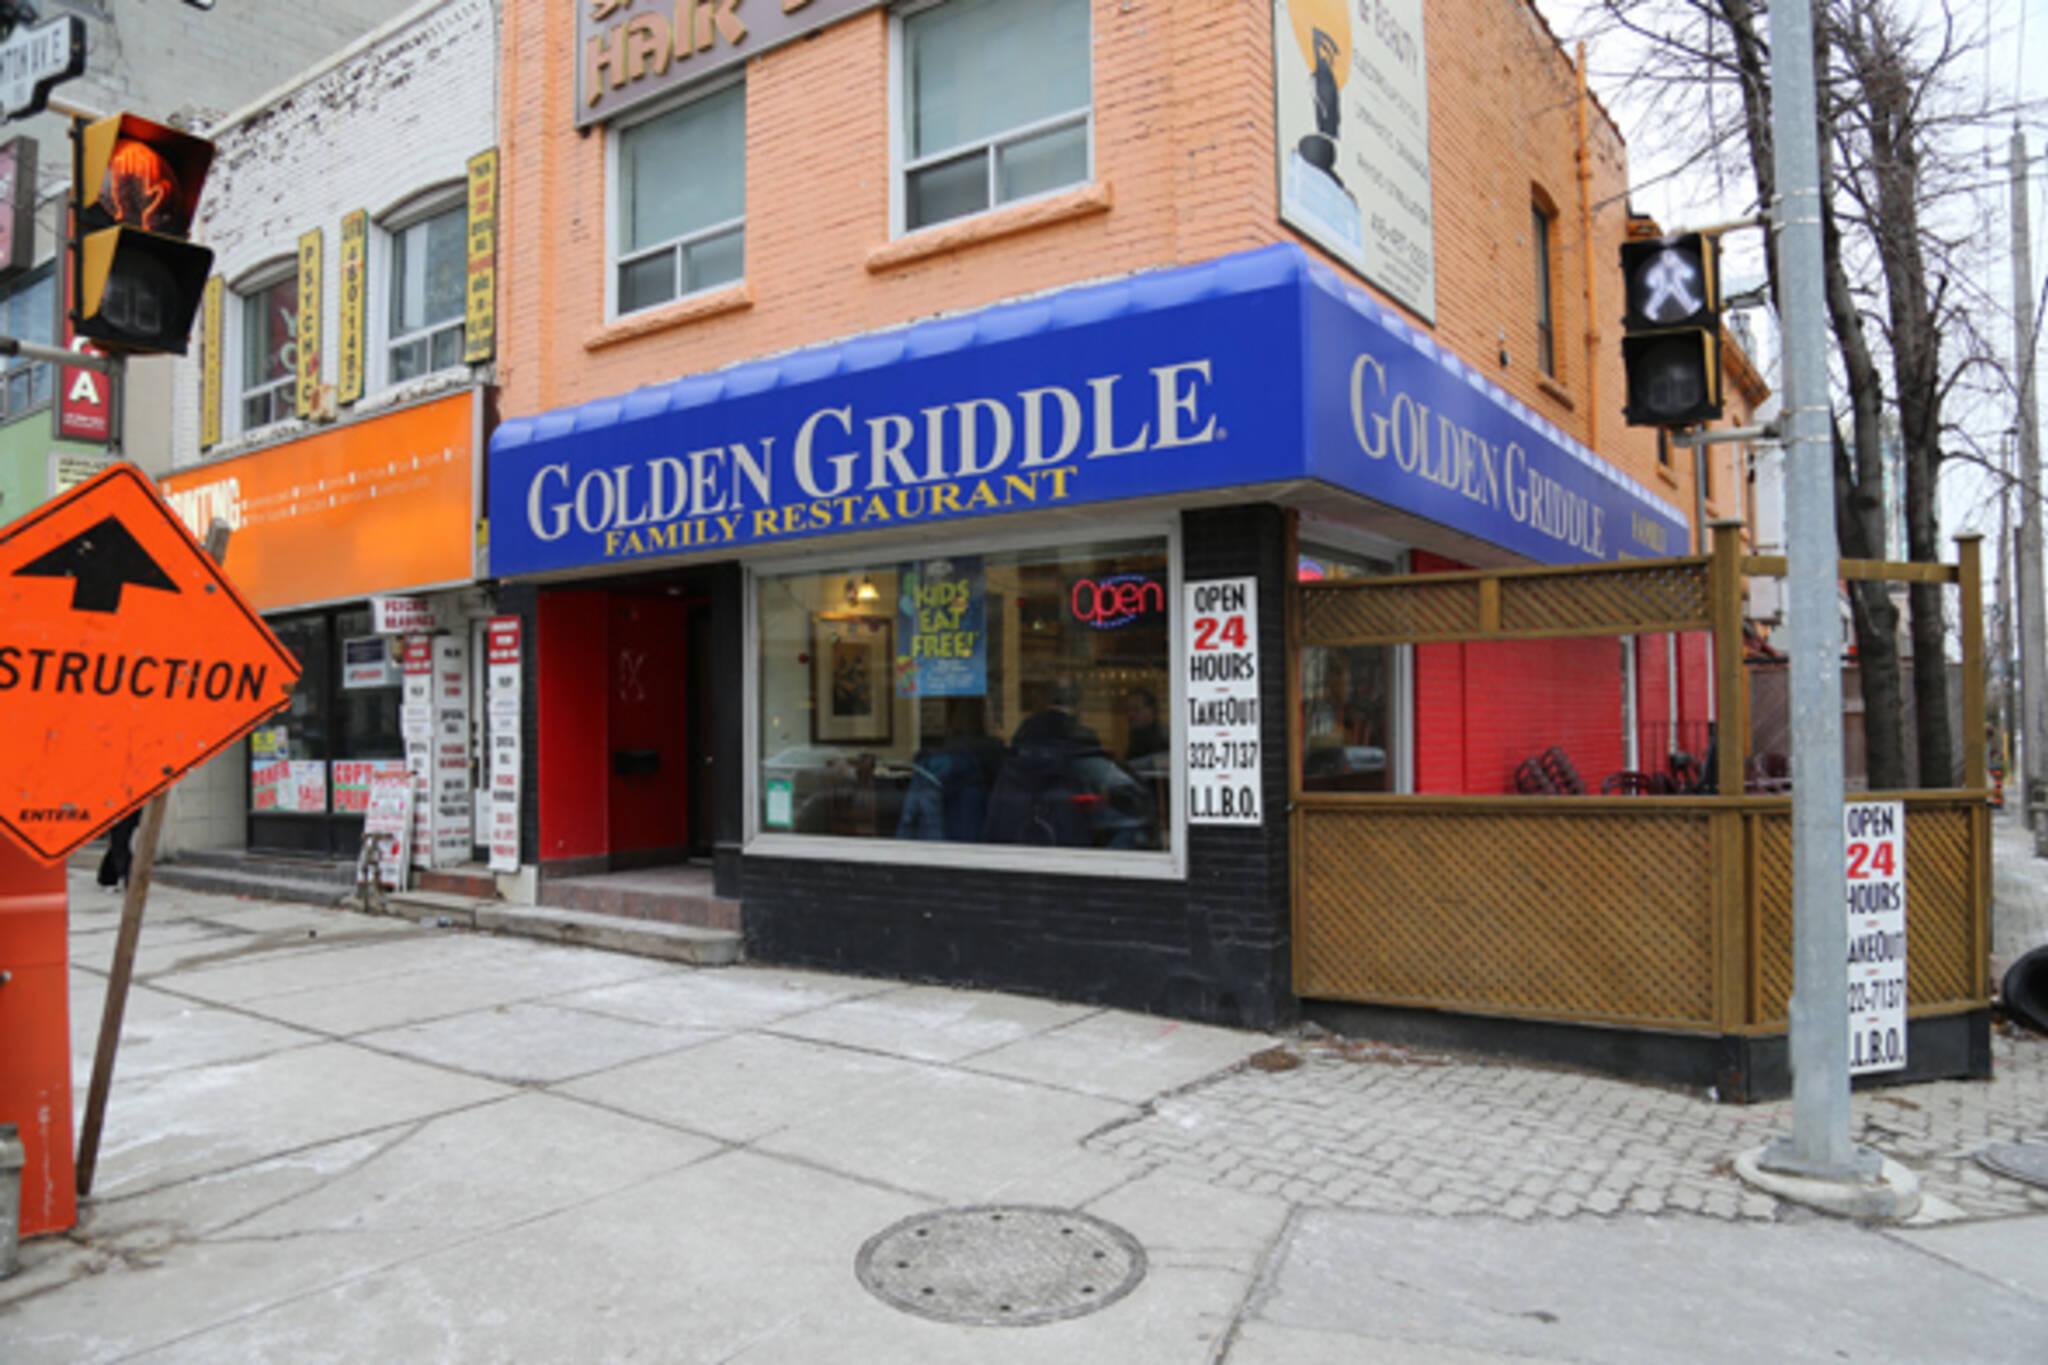 Golden Griddle